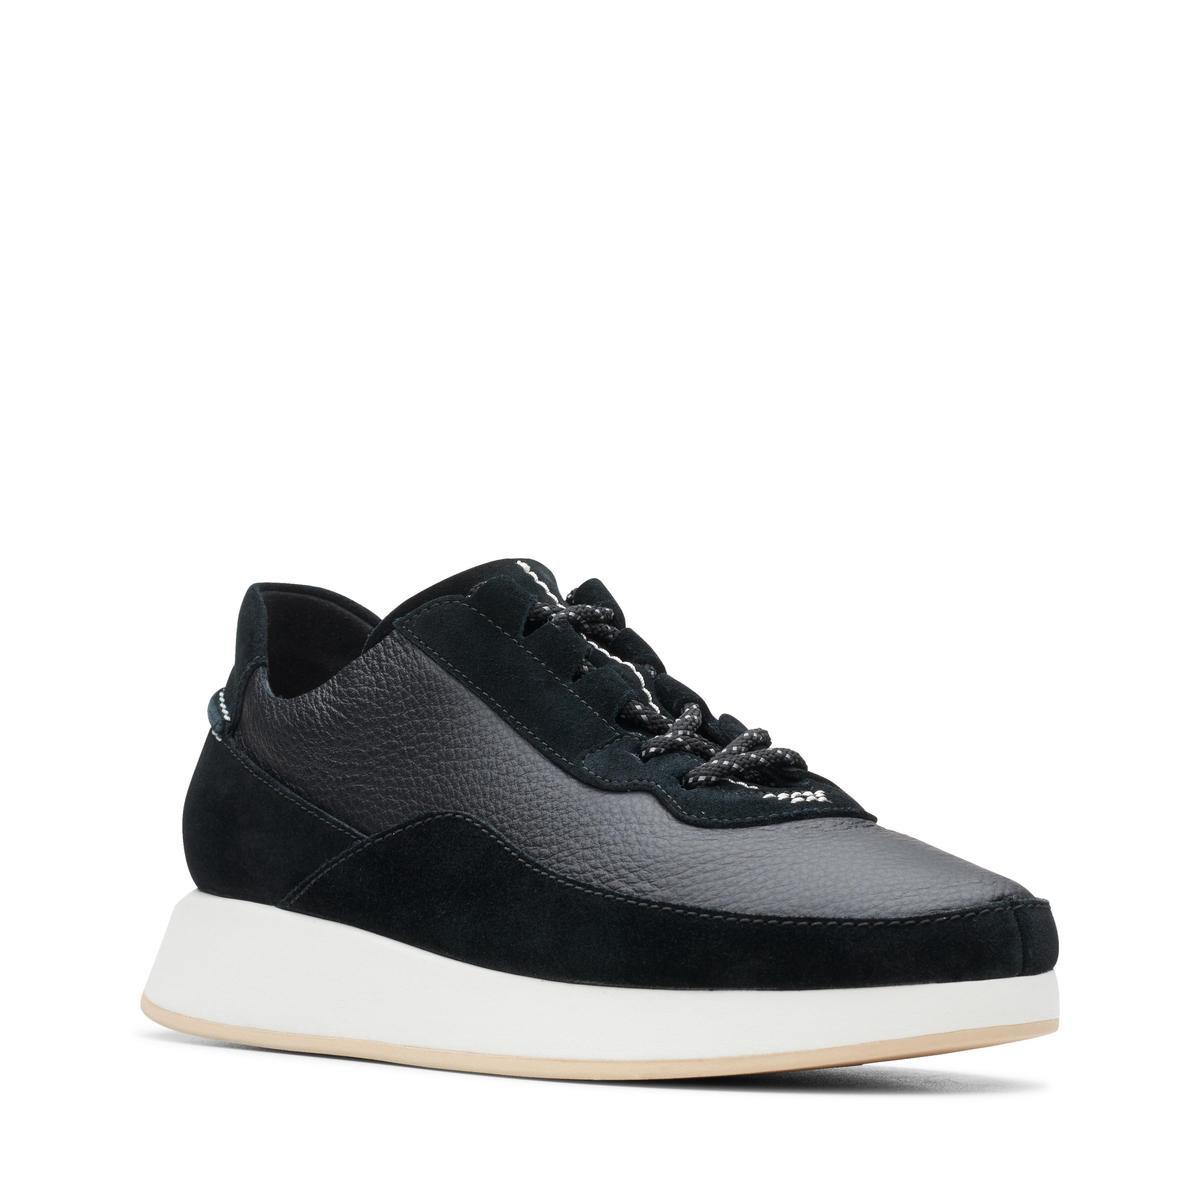 Clarks - Damesschoenen - Kiowa Pace. - D - zwart - maat 6 Sneakers